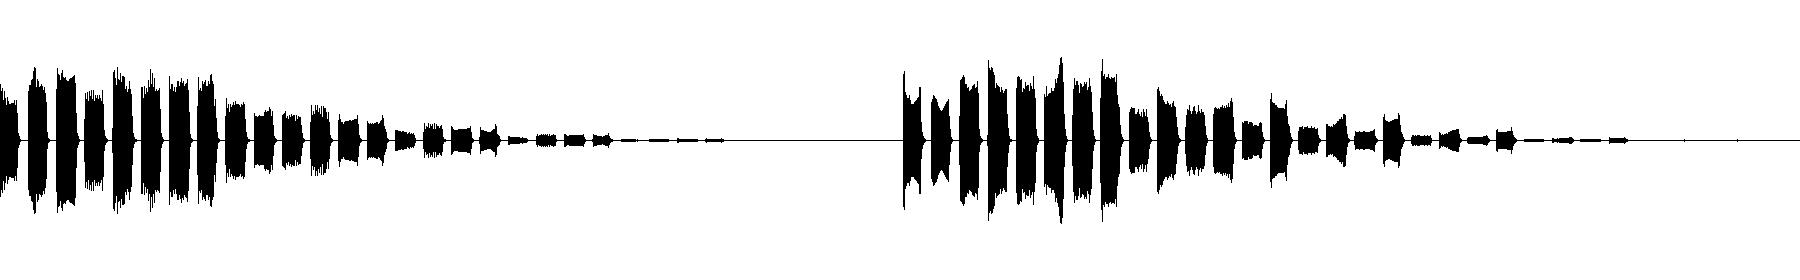 syn8 124